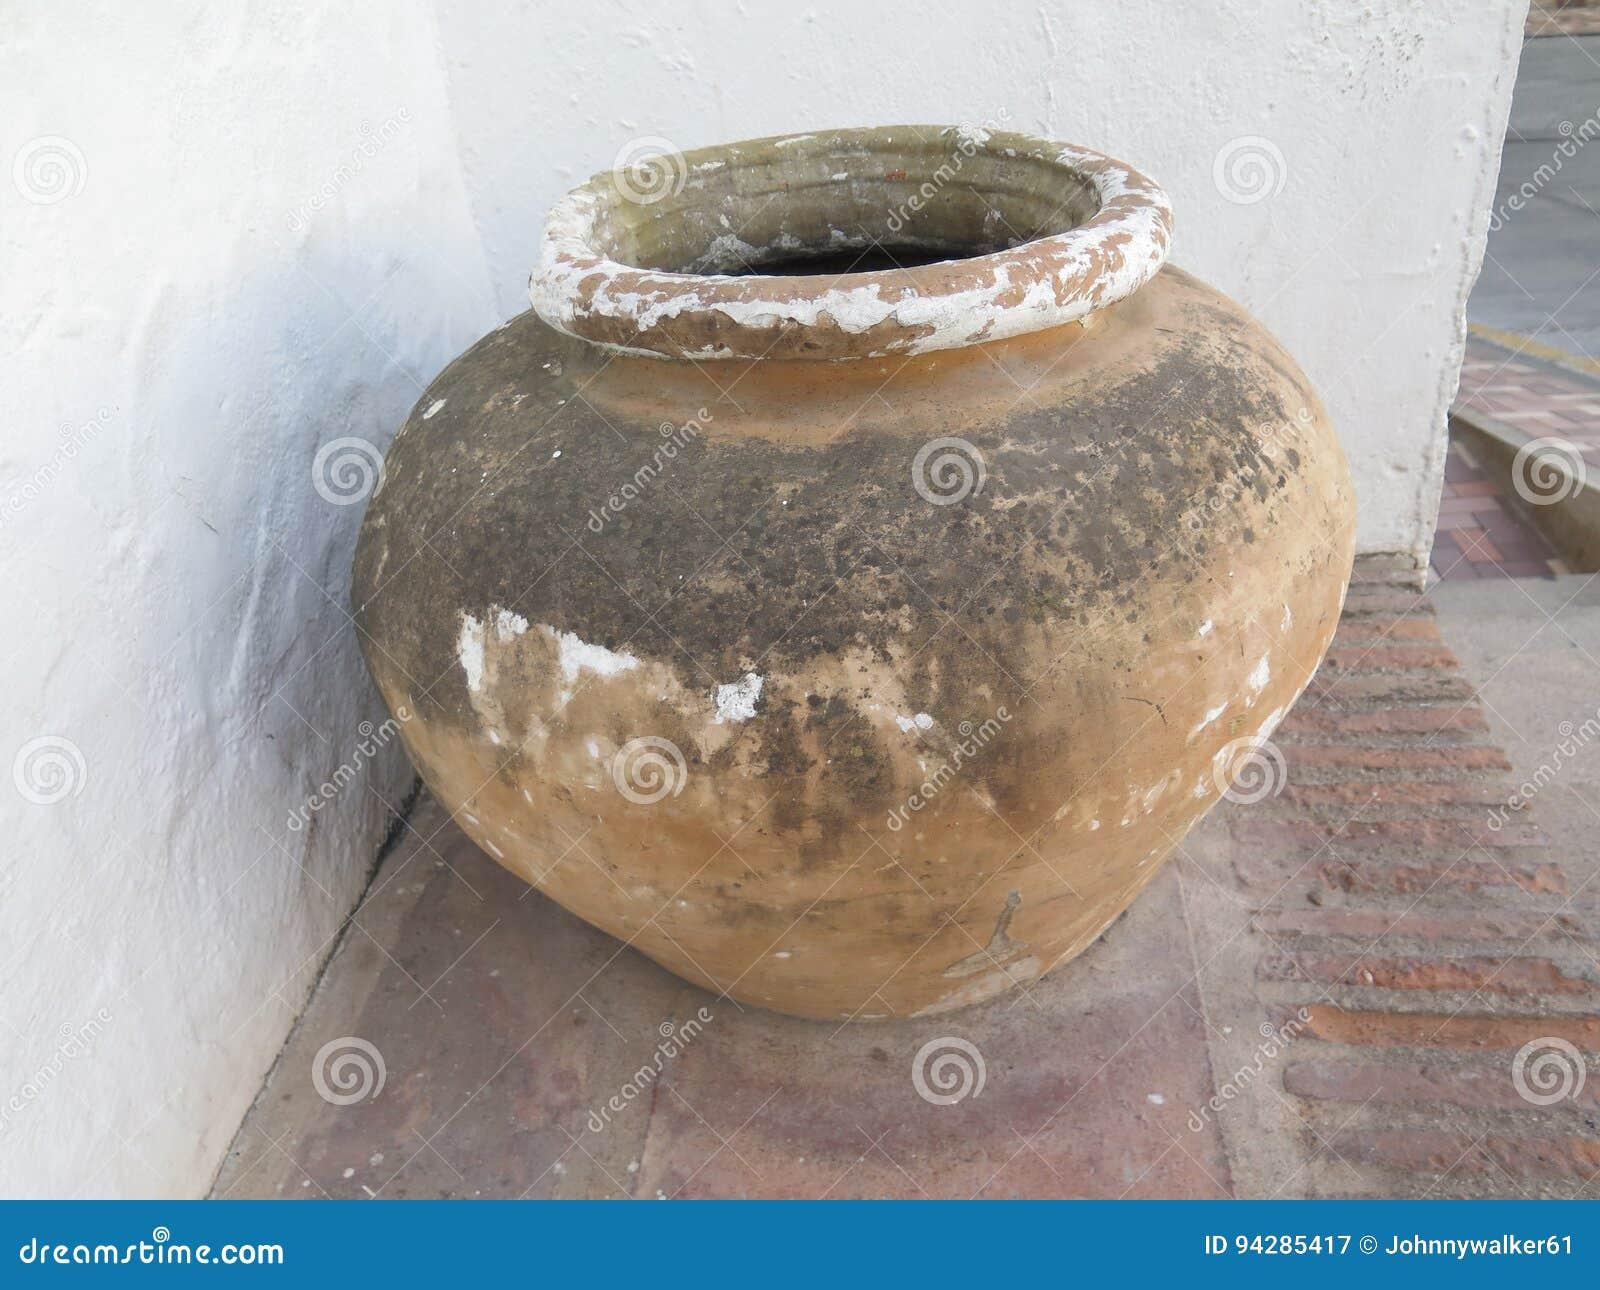 Verwonderend Grote aardewerken pot stock afbeelding. Afbeelding bestaande uit EU-52